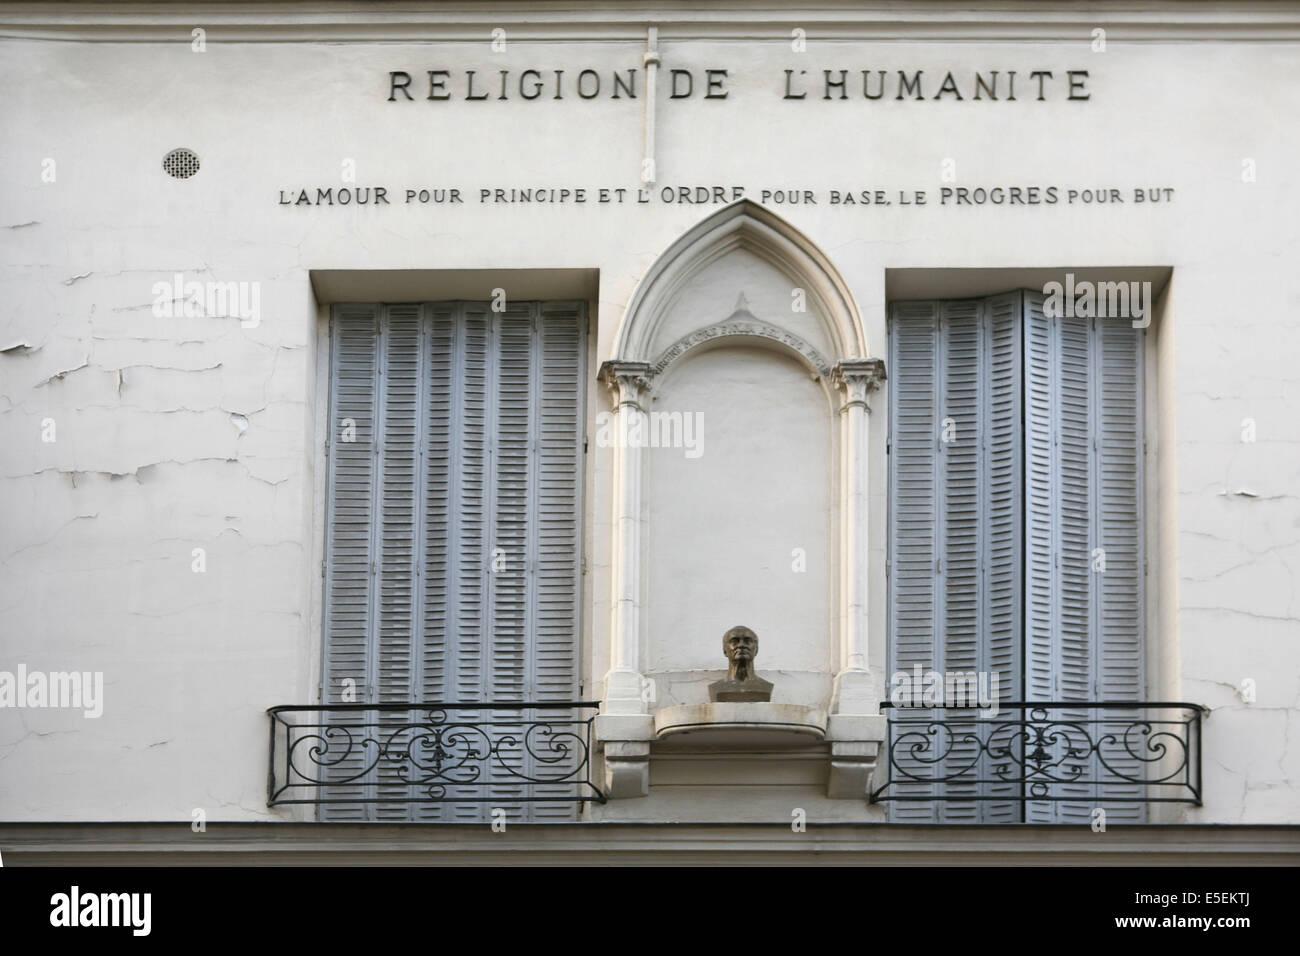 France, paris 3e, le marais, rue Payenne, facade, religion de l'humanite, - Stock Image